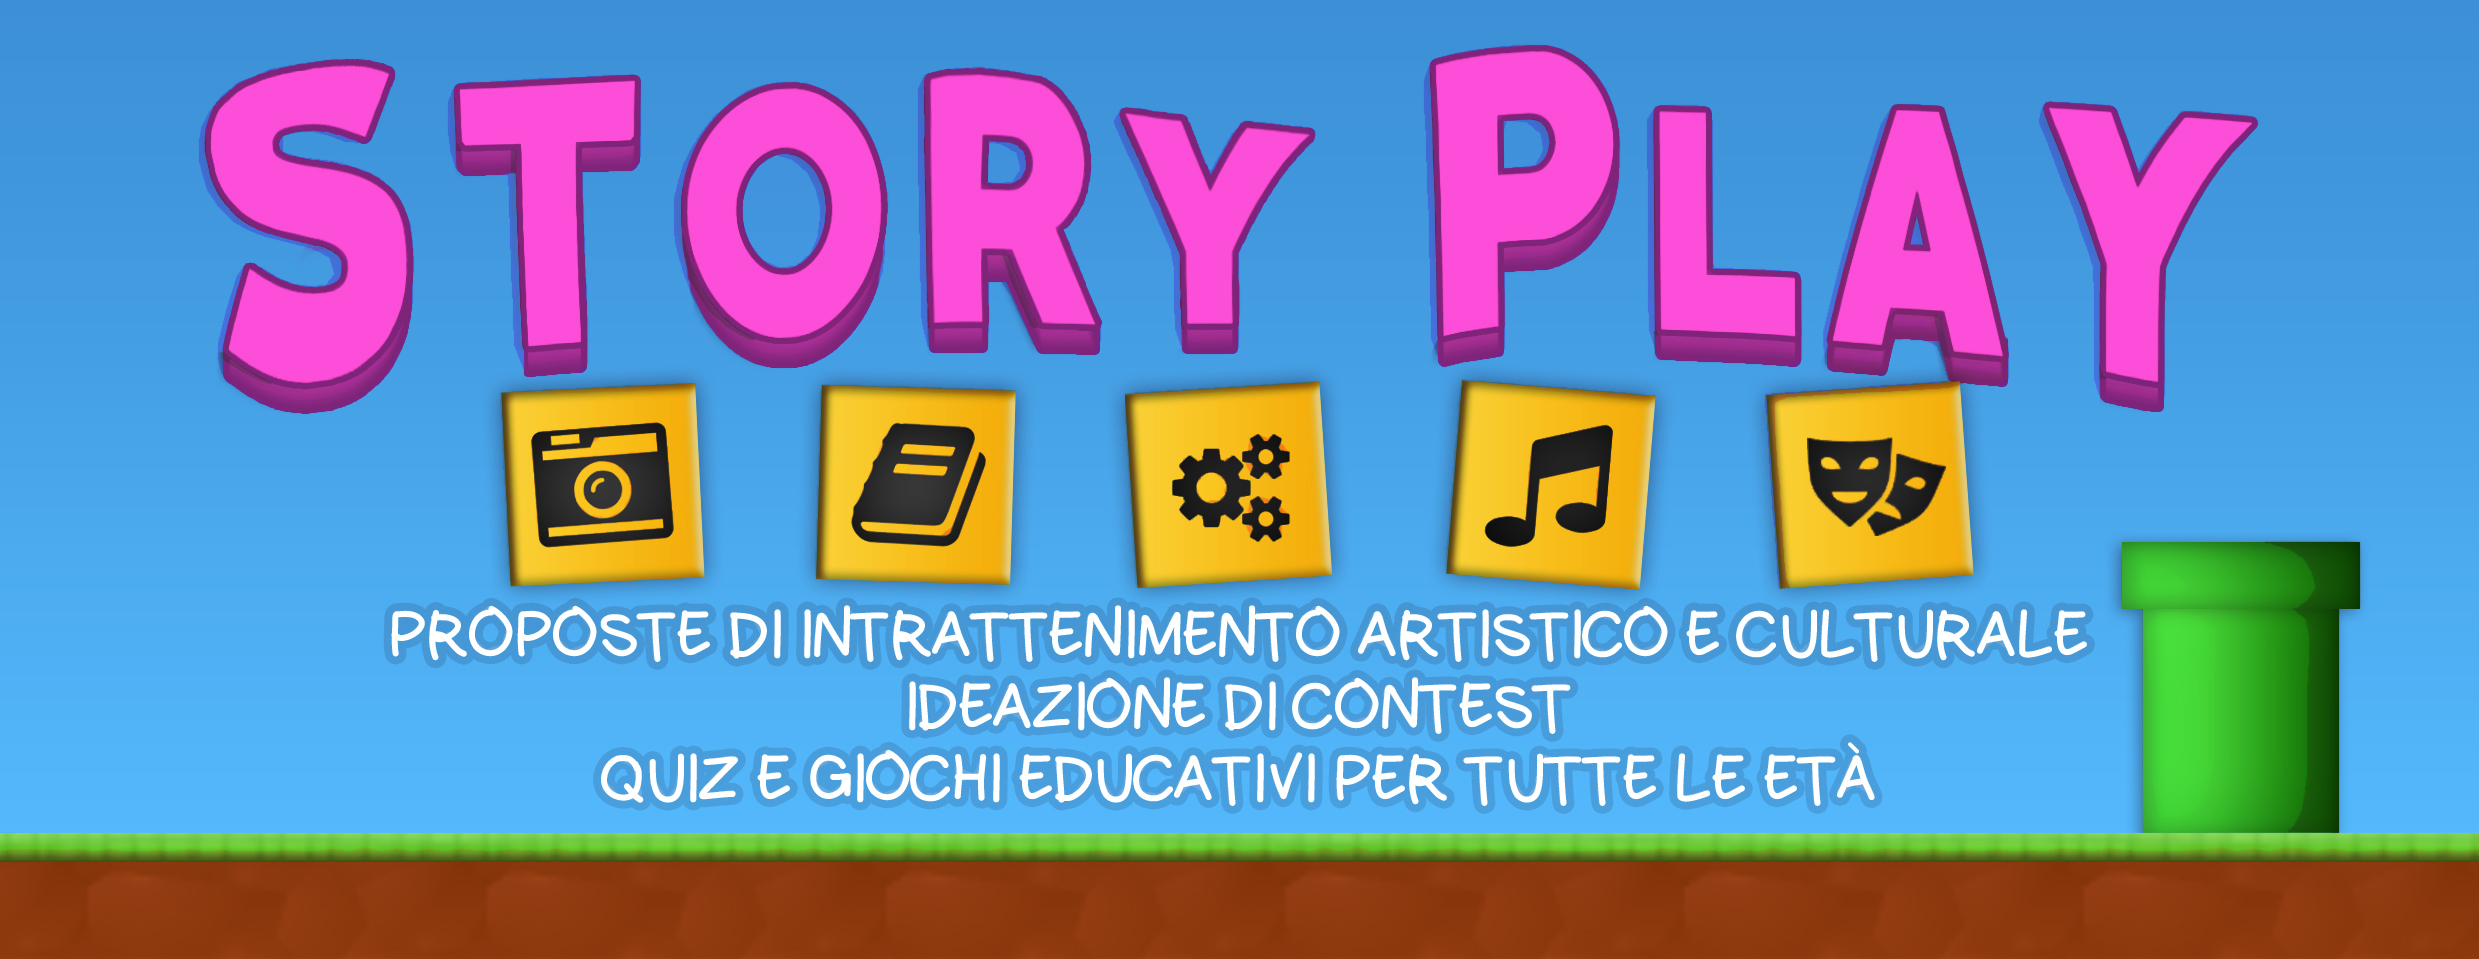 Proposte di intrattenimento artistico e culturale, ideazione di contest, quiz e giochi educativi per tutte le età.